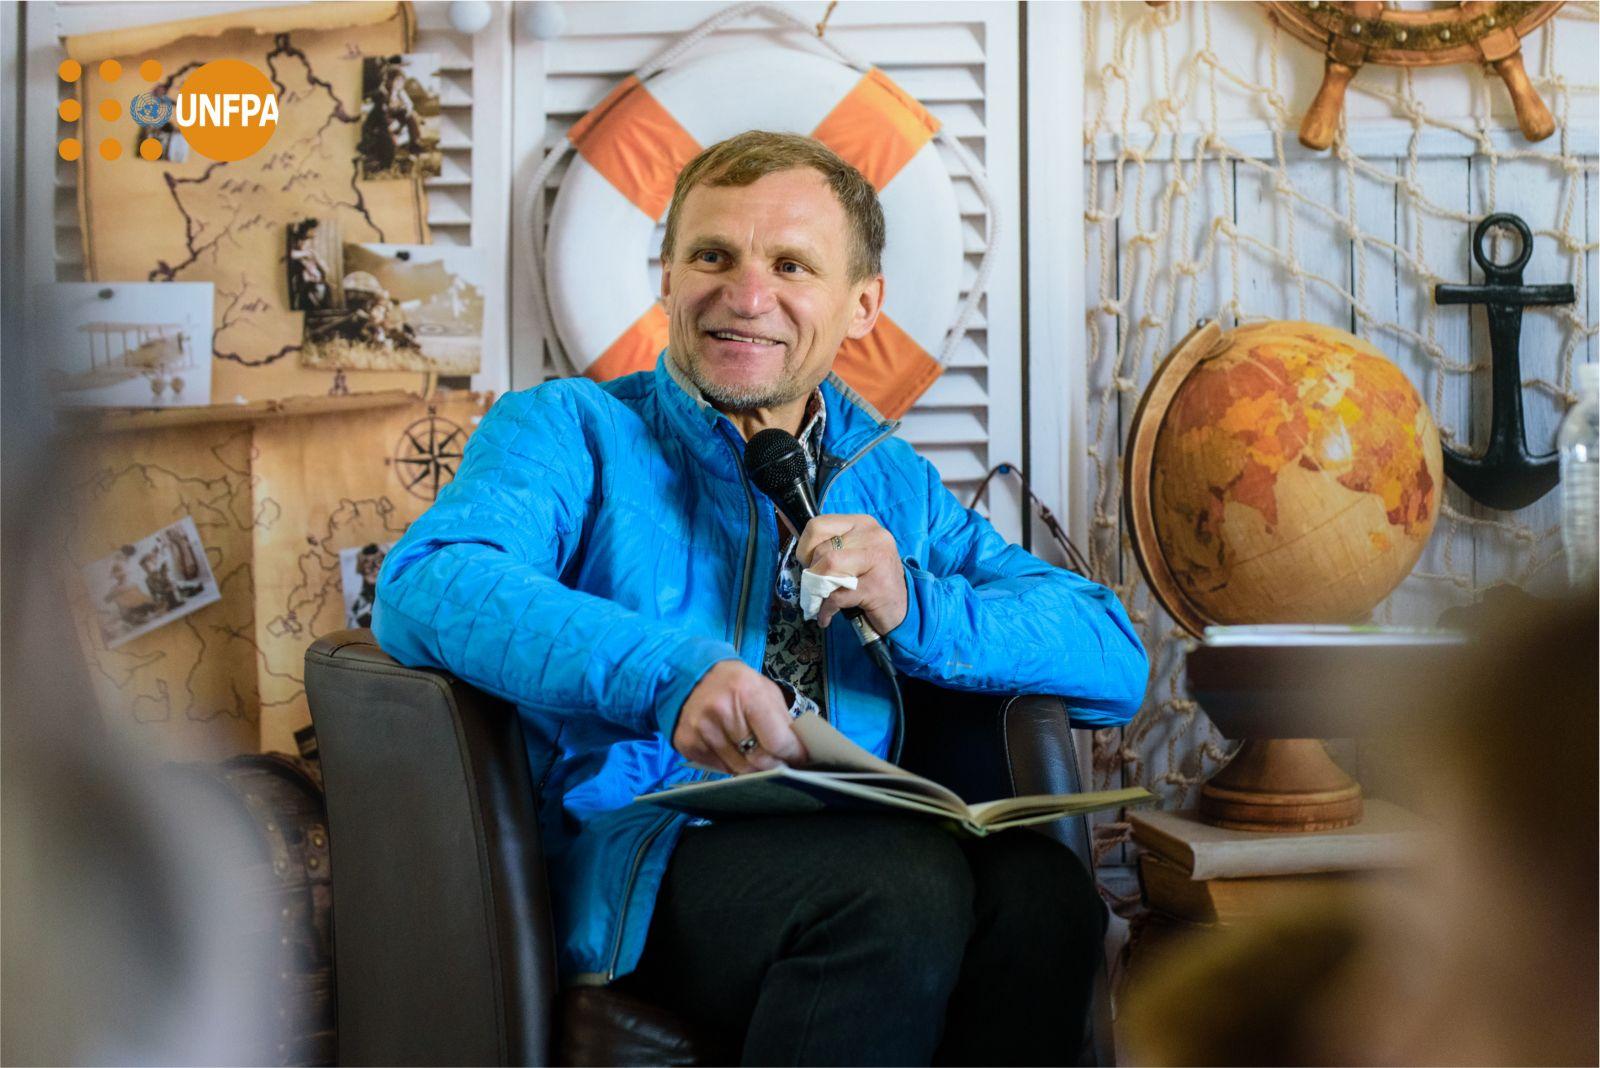 Влад Яма, Евгений Кошевой, Тарас Тополя, Олег Скрипка и Василий Вирастюк рассказали, как проводят время со своими детьми